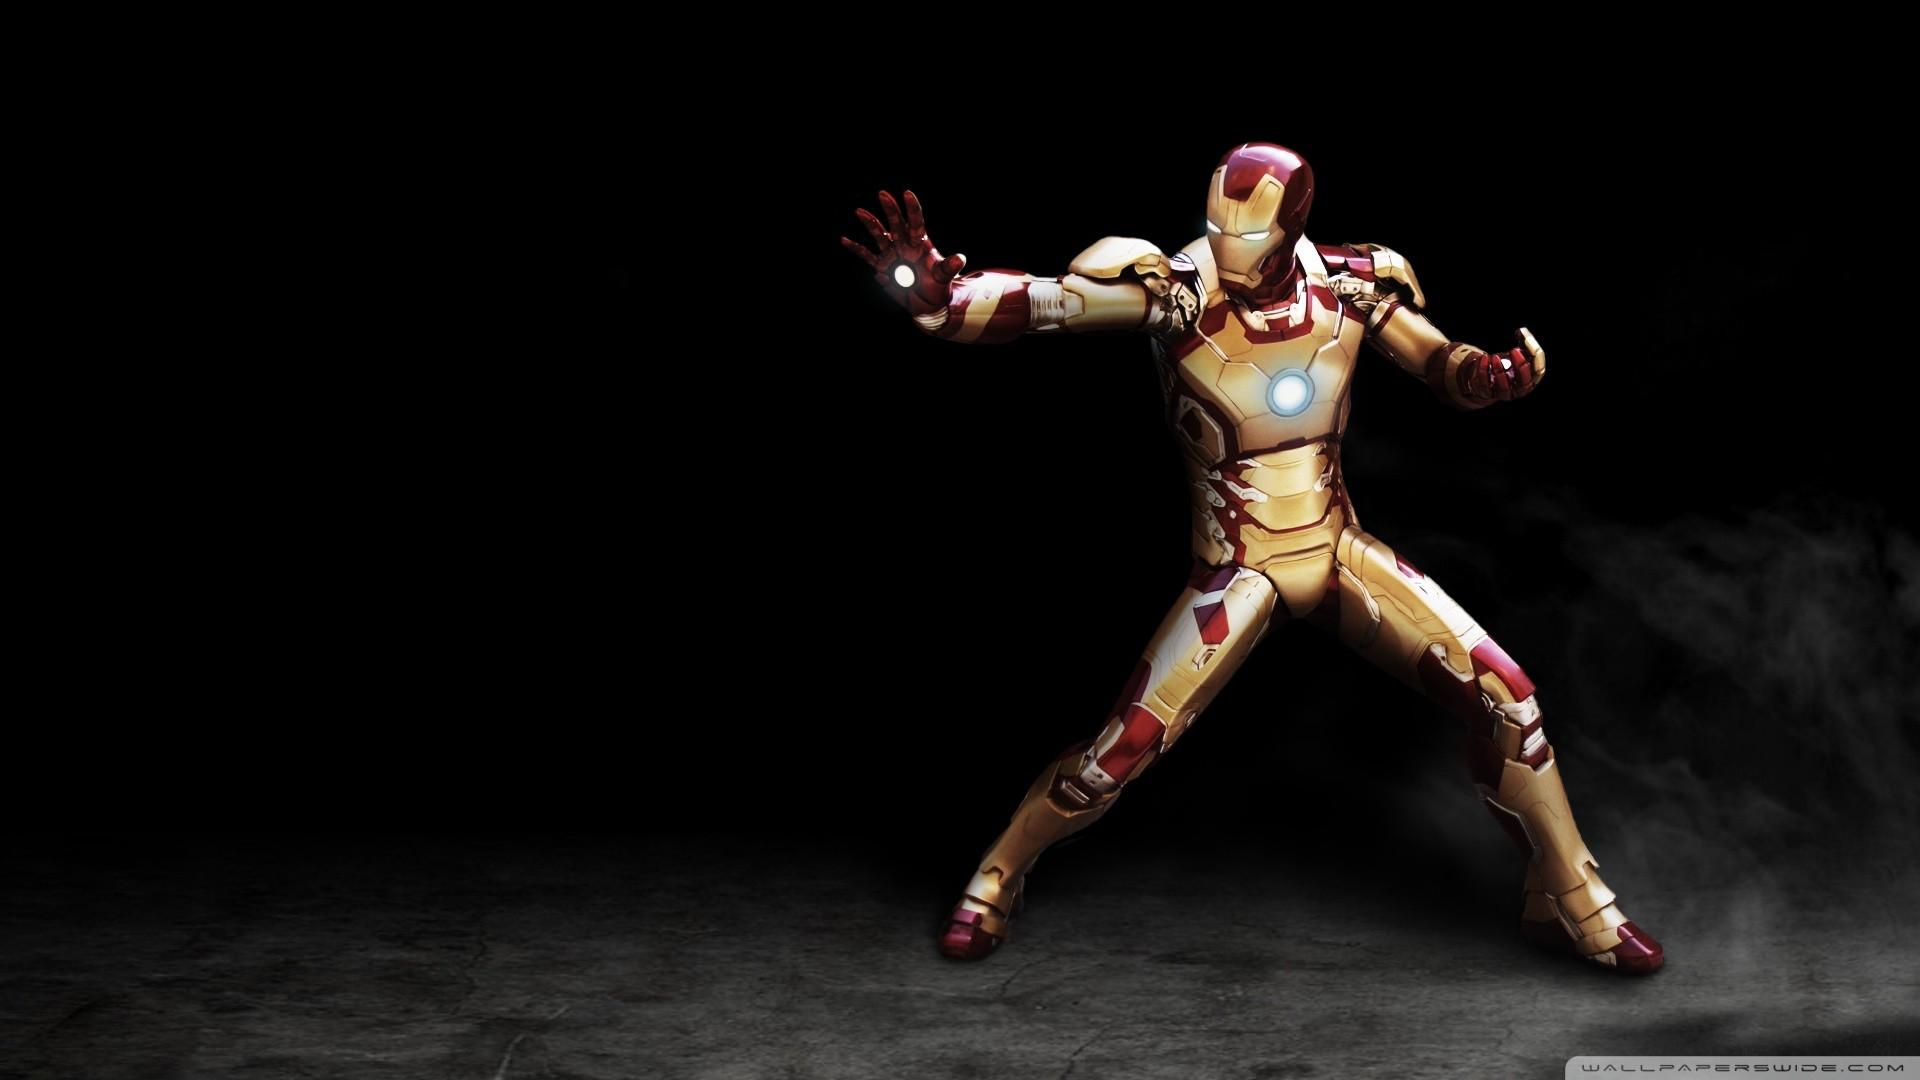 Iron Man HD desktop wallpaper Widescreen High Definition